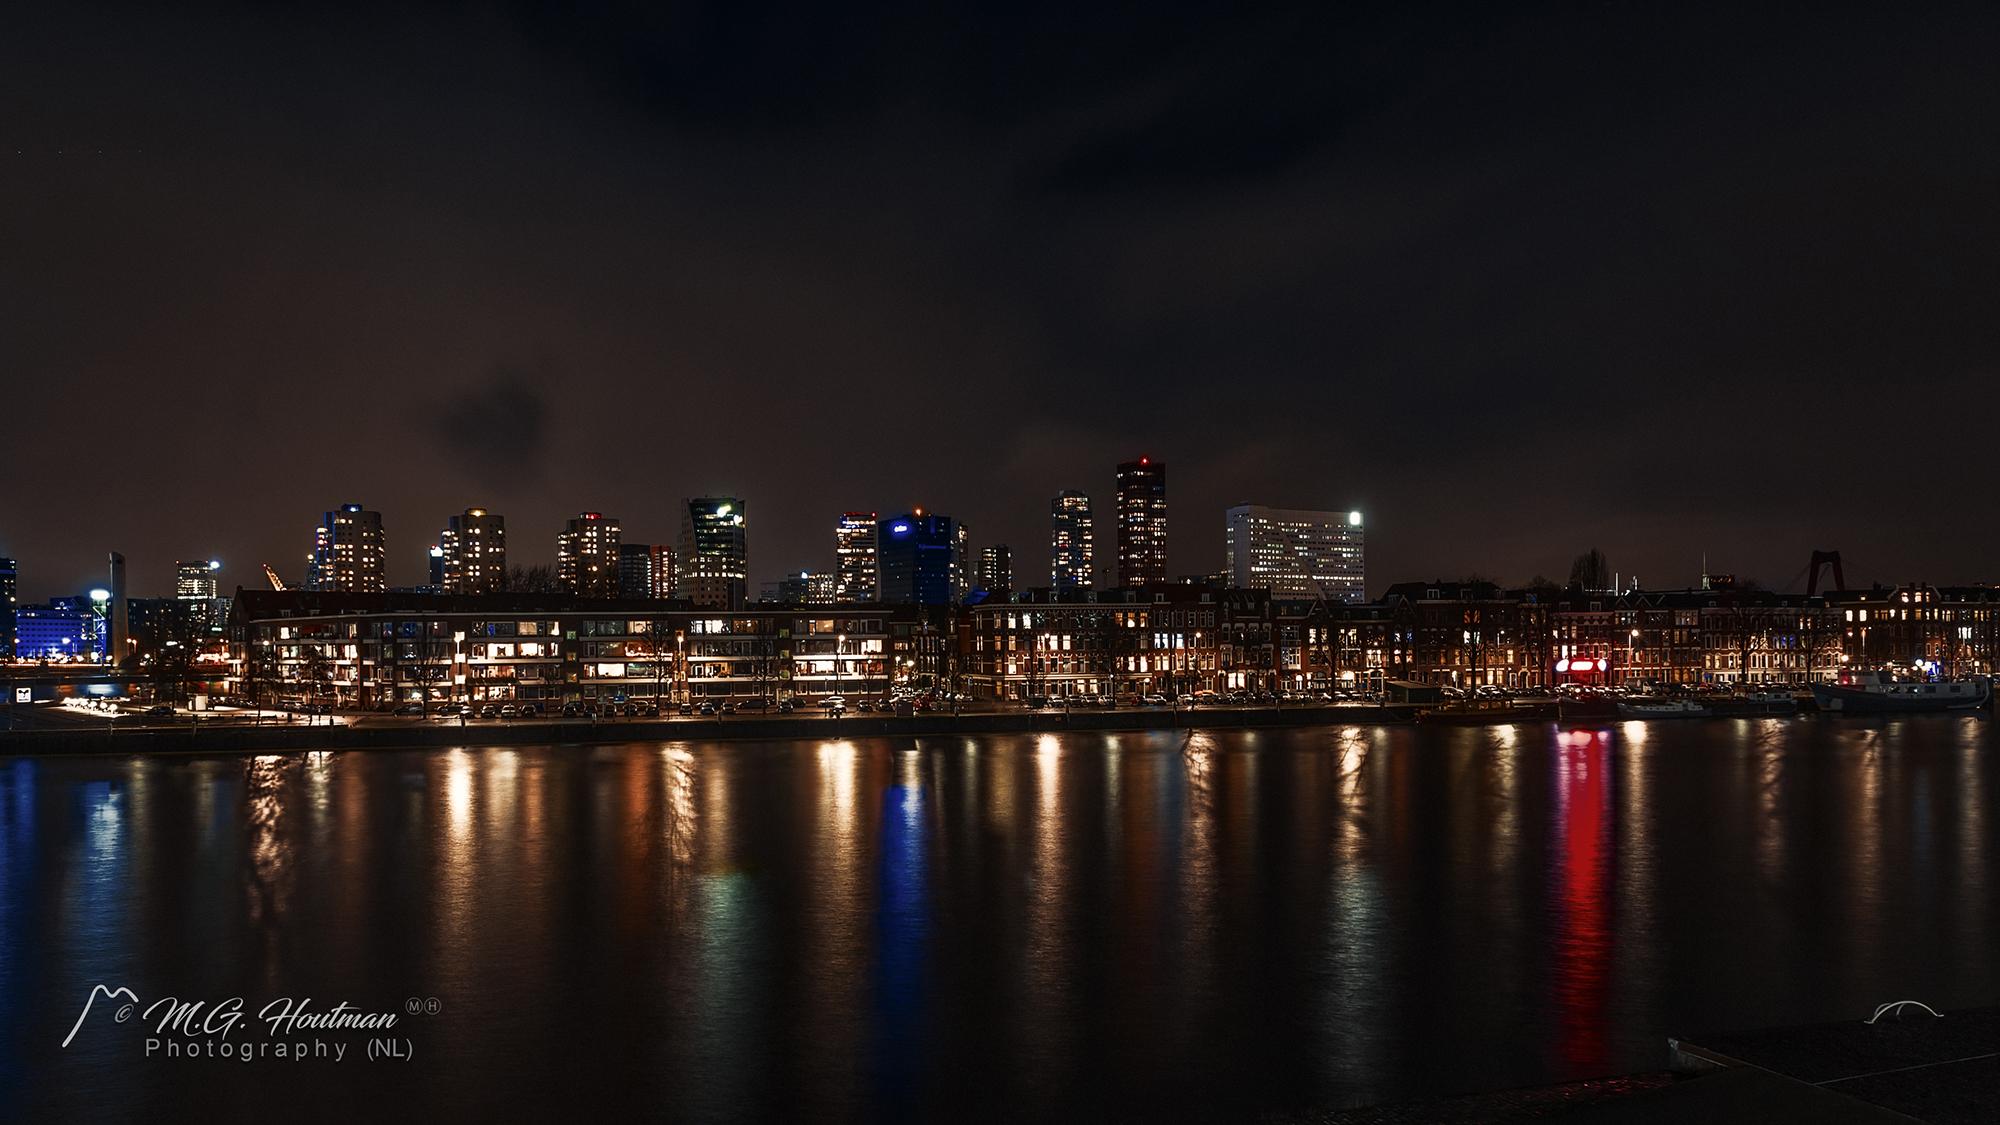 Noordereiland - Rotterdam (NL)